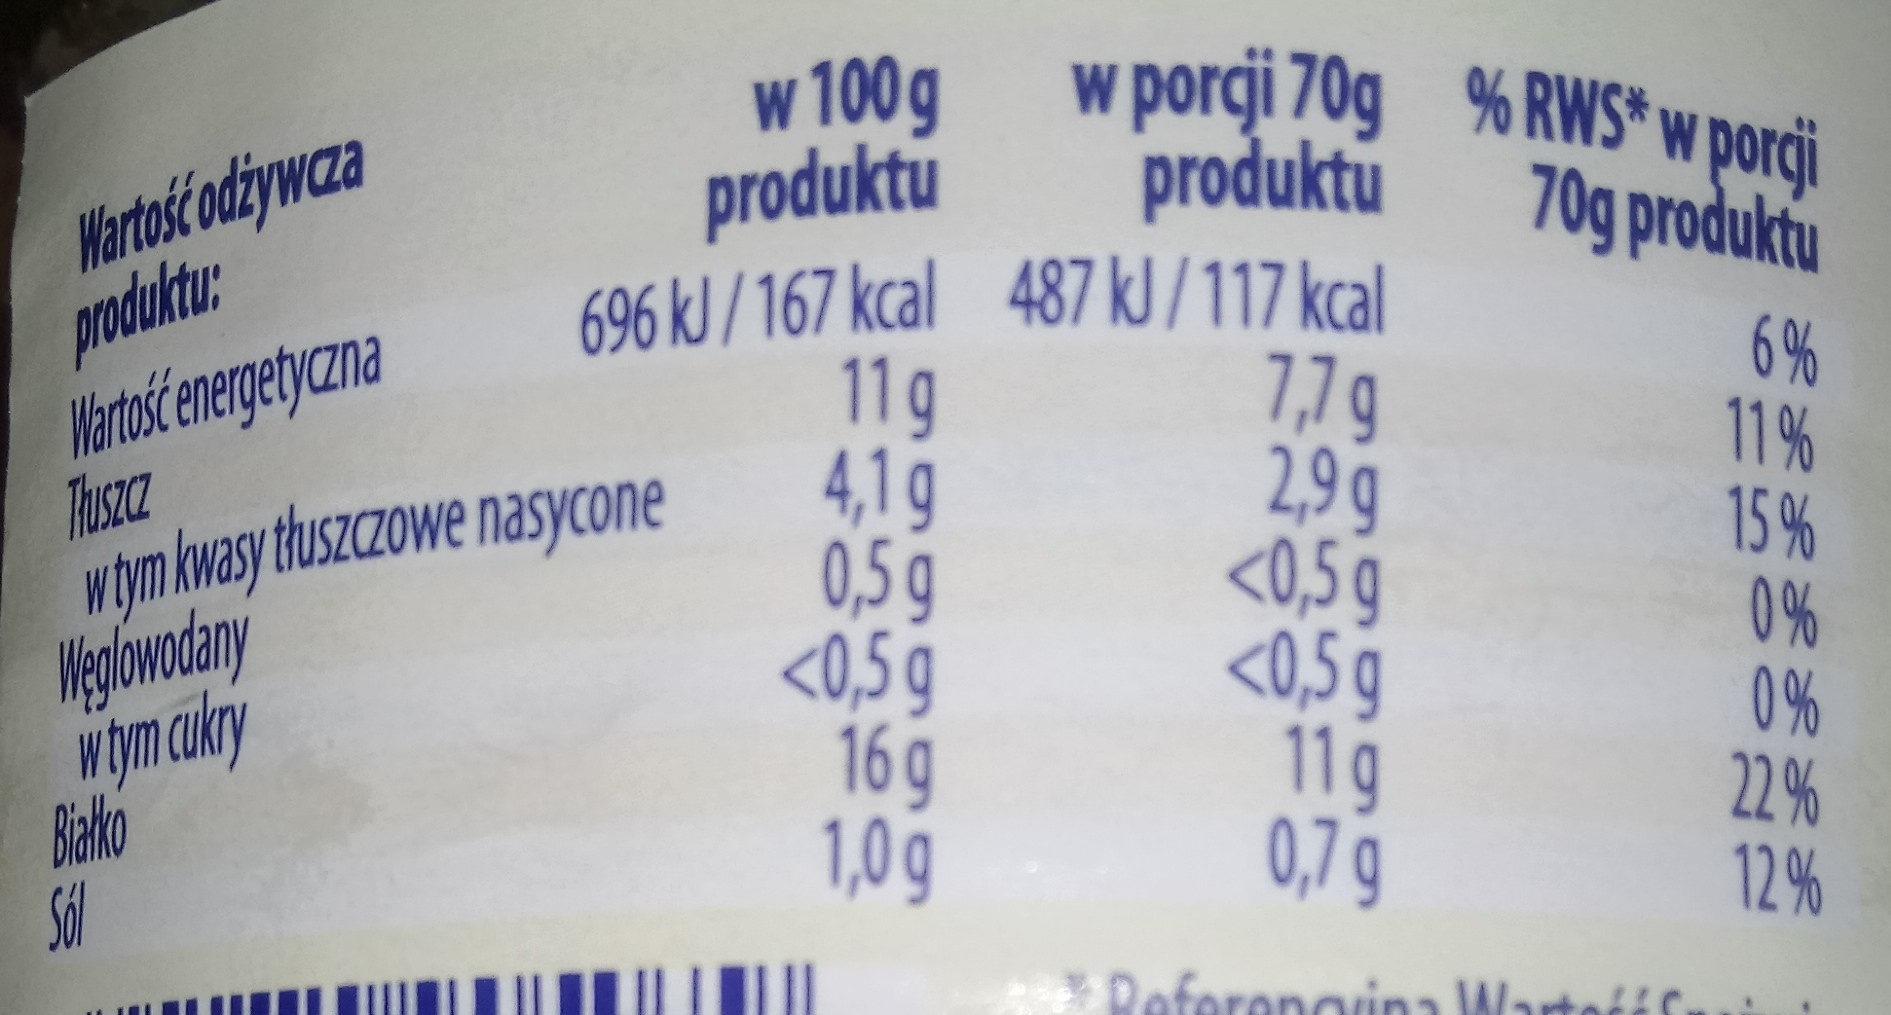 Kiełbasa krakowska - konserwa wieprzowa grubo rozdrobniona, sterylizowana - Wartości odżywcze